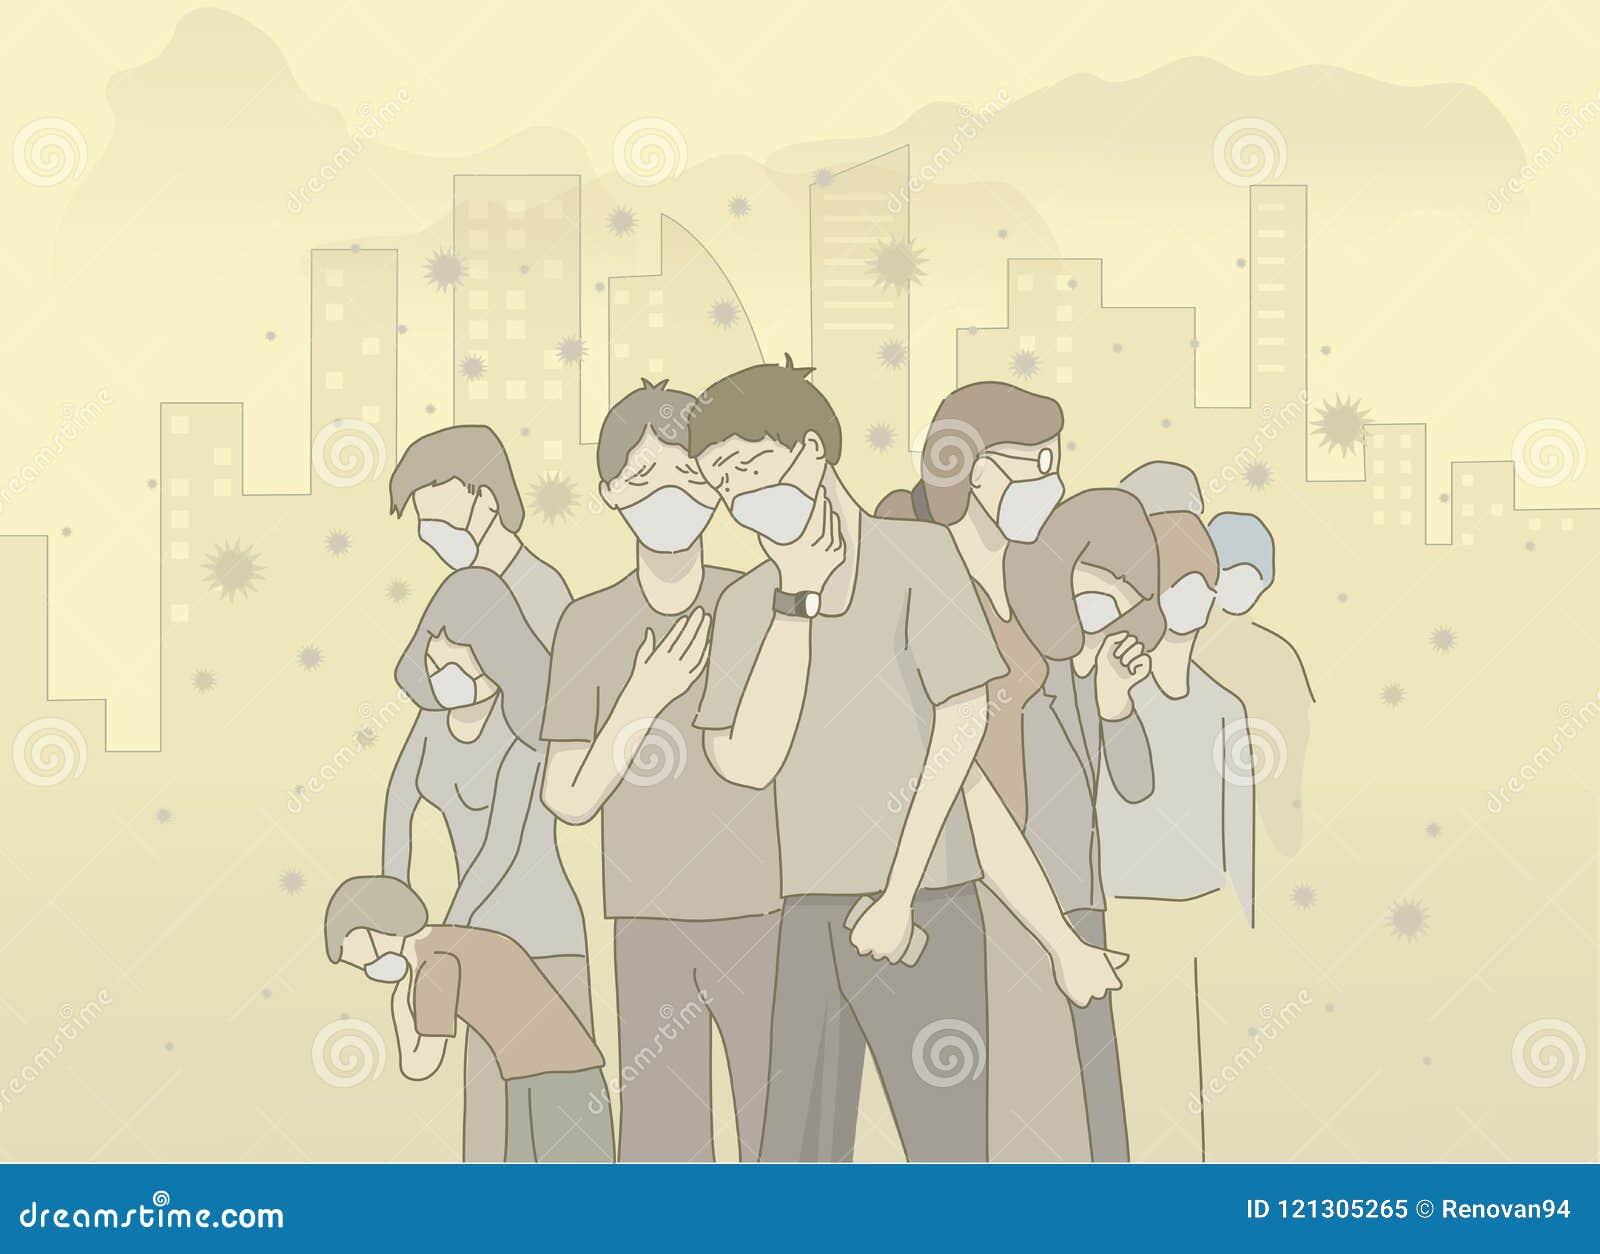 人穿戴面具的illistration避免大气污染